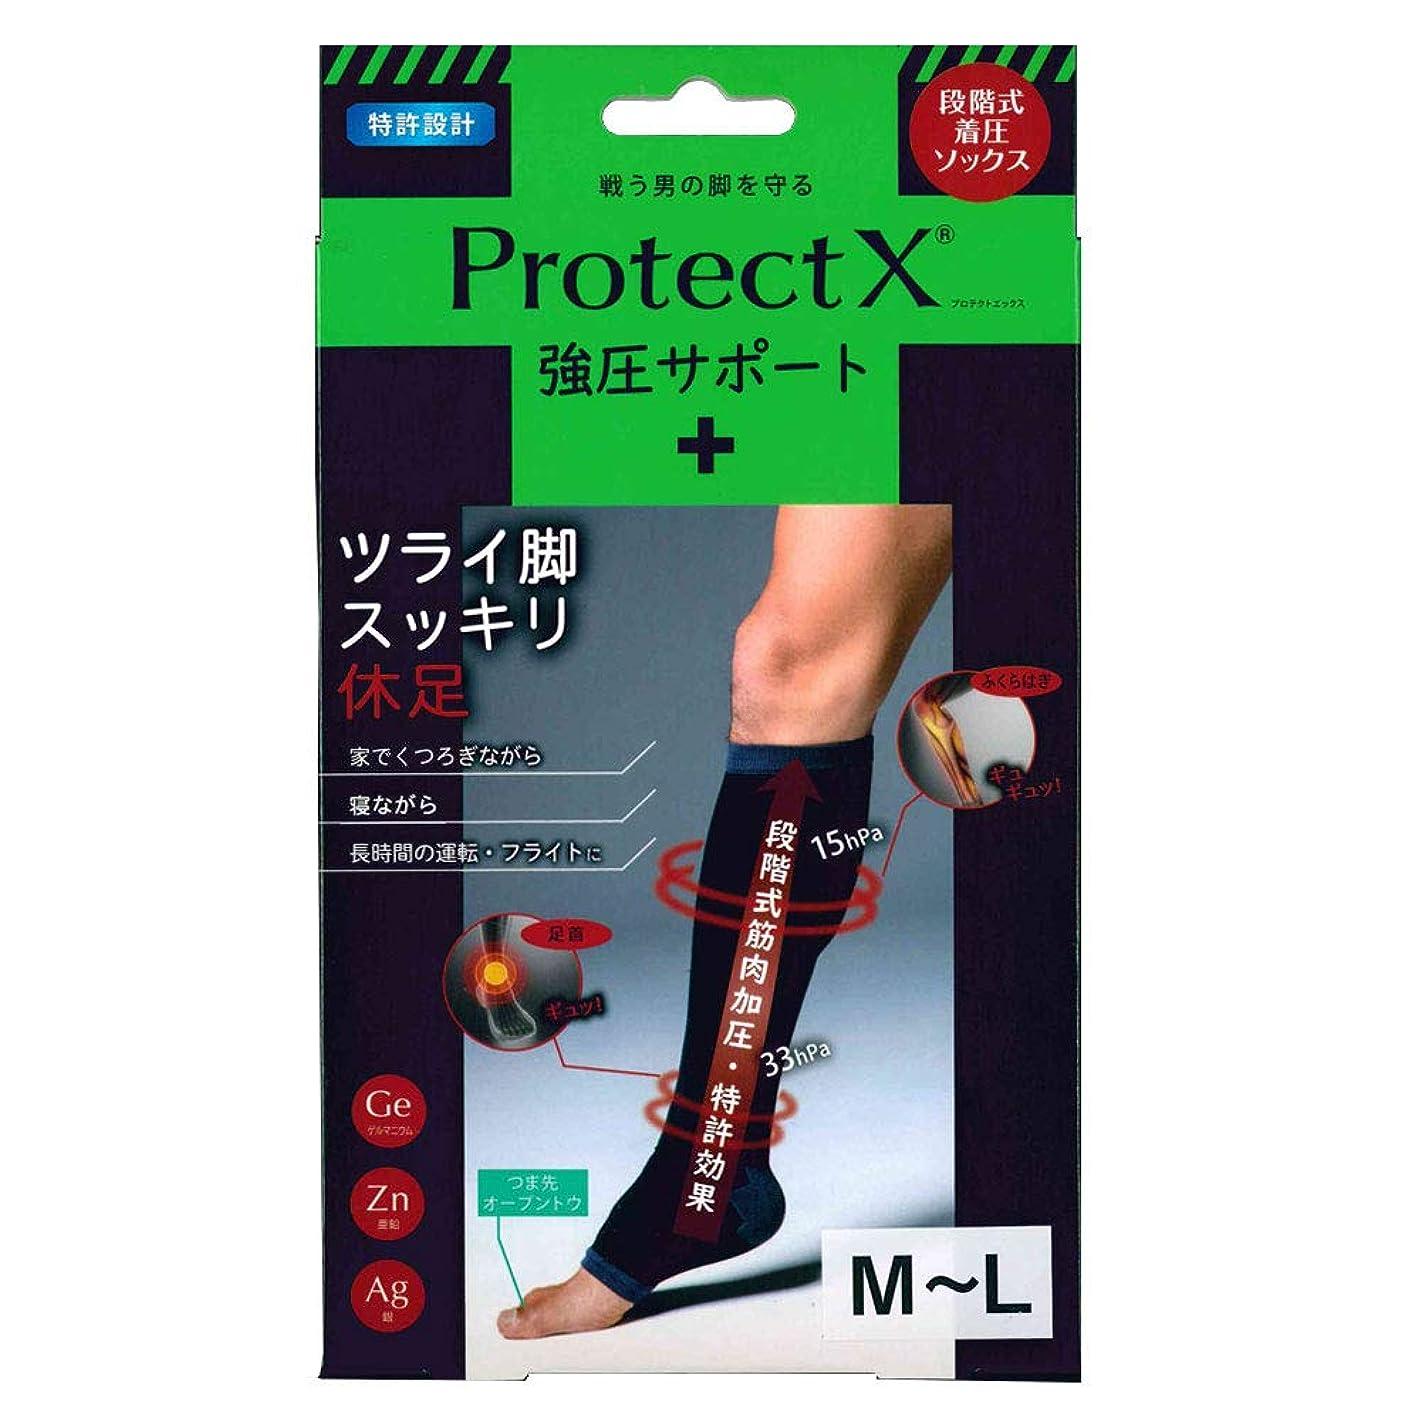 牛汚物筋肉のProtect X(プロテクトエックス) 強圧サポート オープントゥ着圧ソックス 膝下 (膝下M-L)